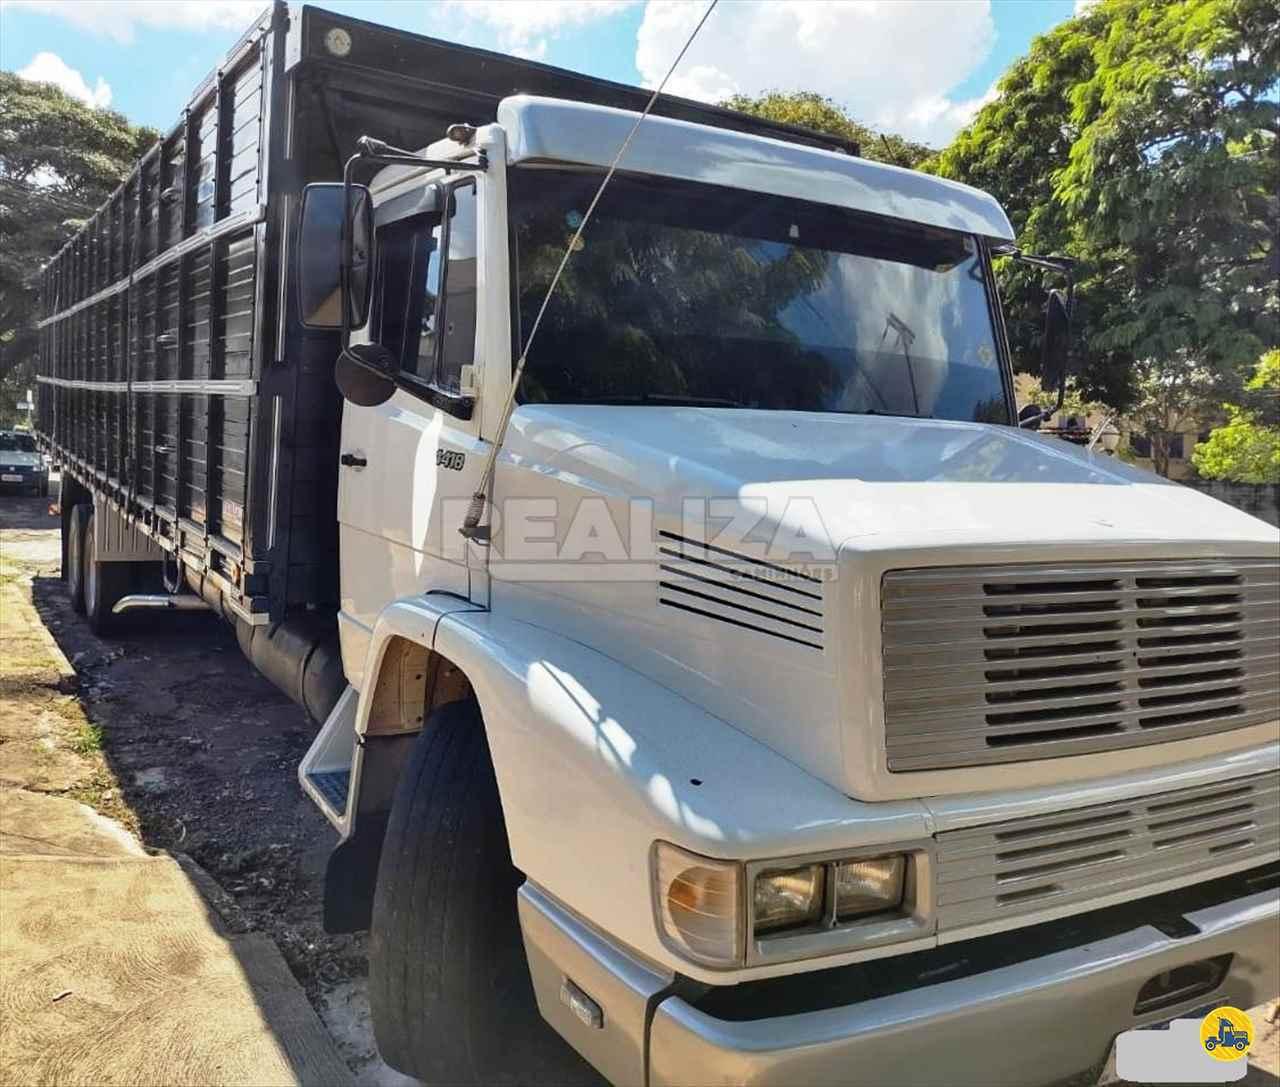 CAMINHAO MERCEDES-BENZ MB 1418 Boiadeiro Truck 6x2 Realiza Caminhões - Umuarama UMUARAMA PARANÁ PR